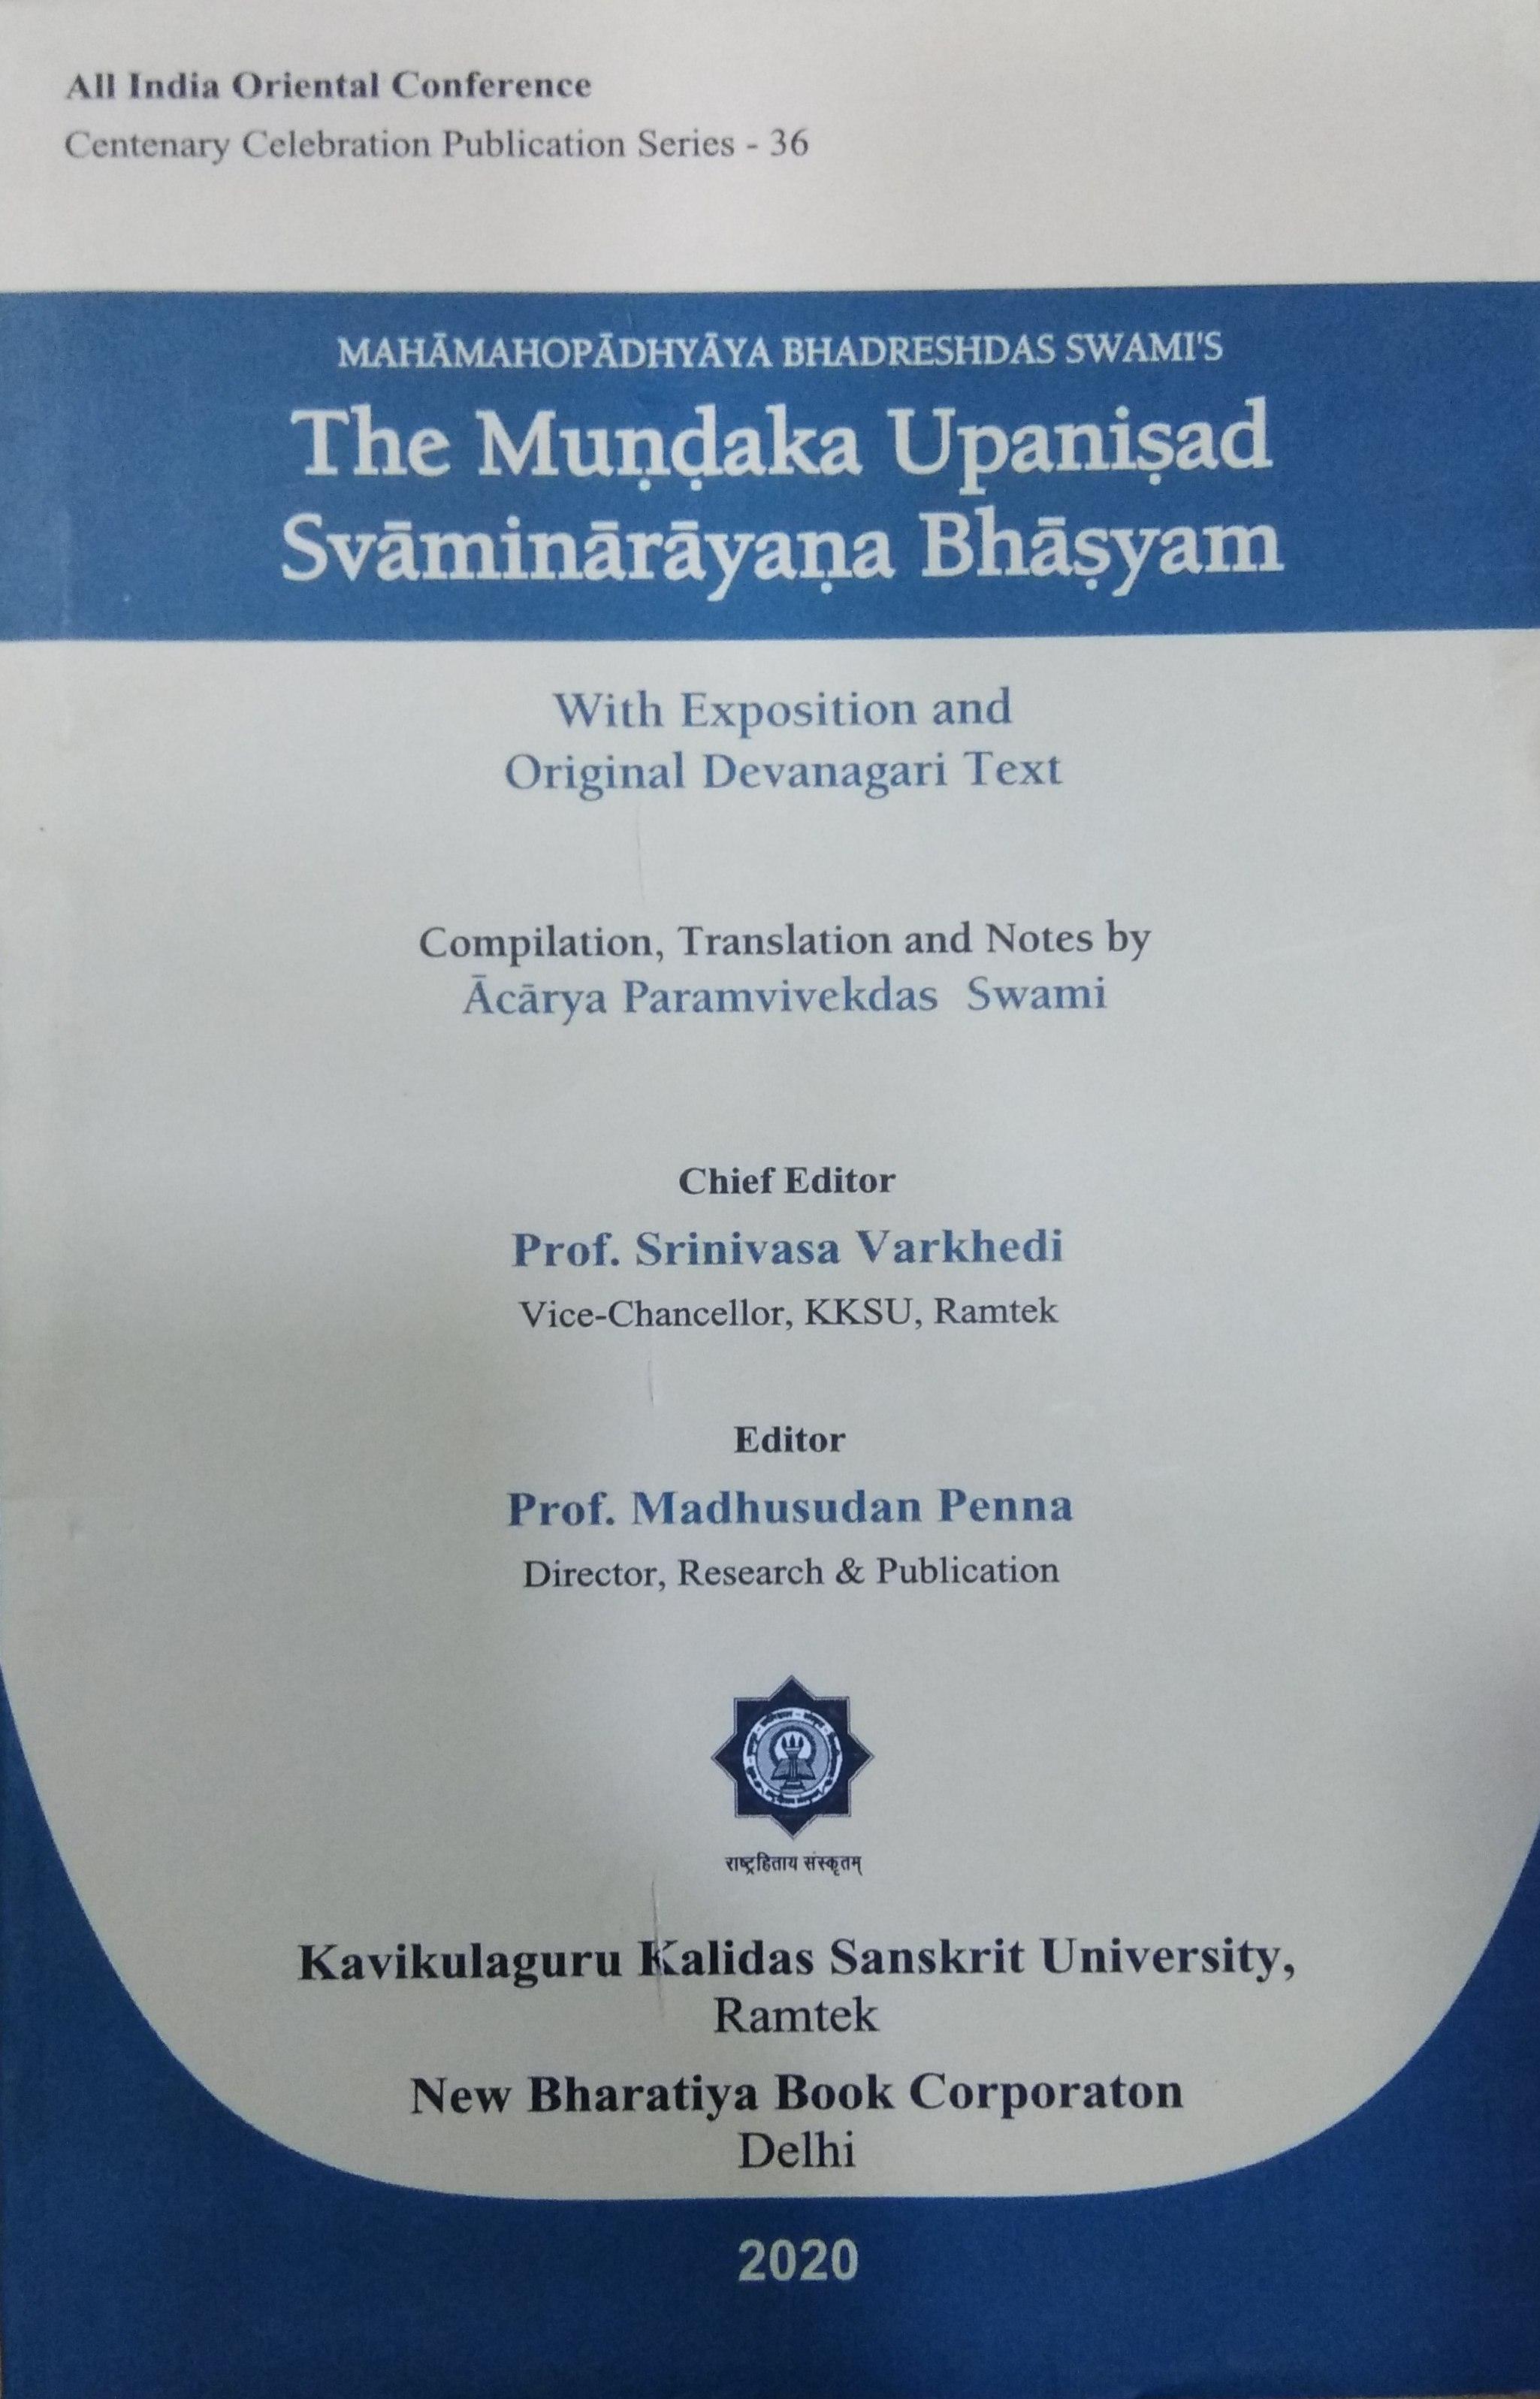 The Mundaka Upanisad Svaminarayana Bhasyam with Ex…